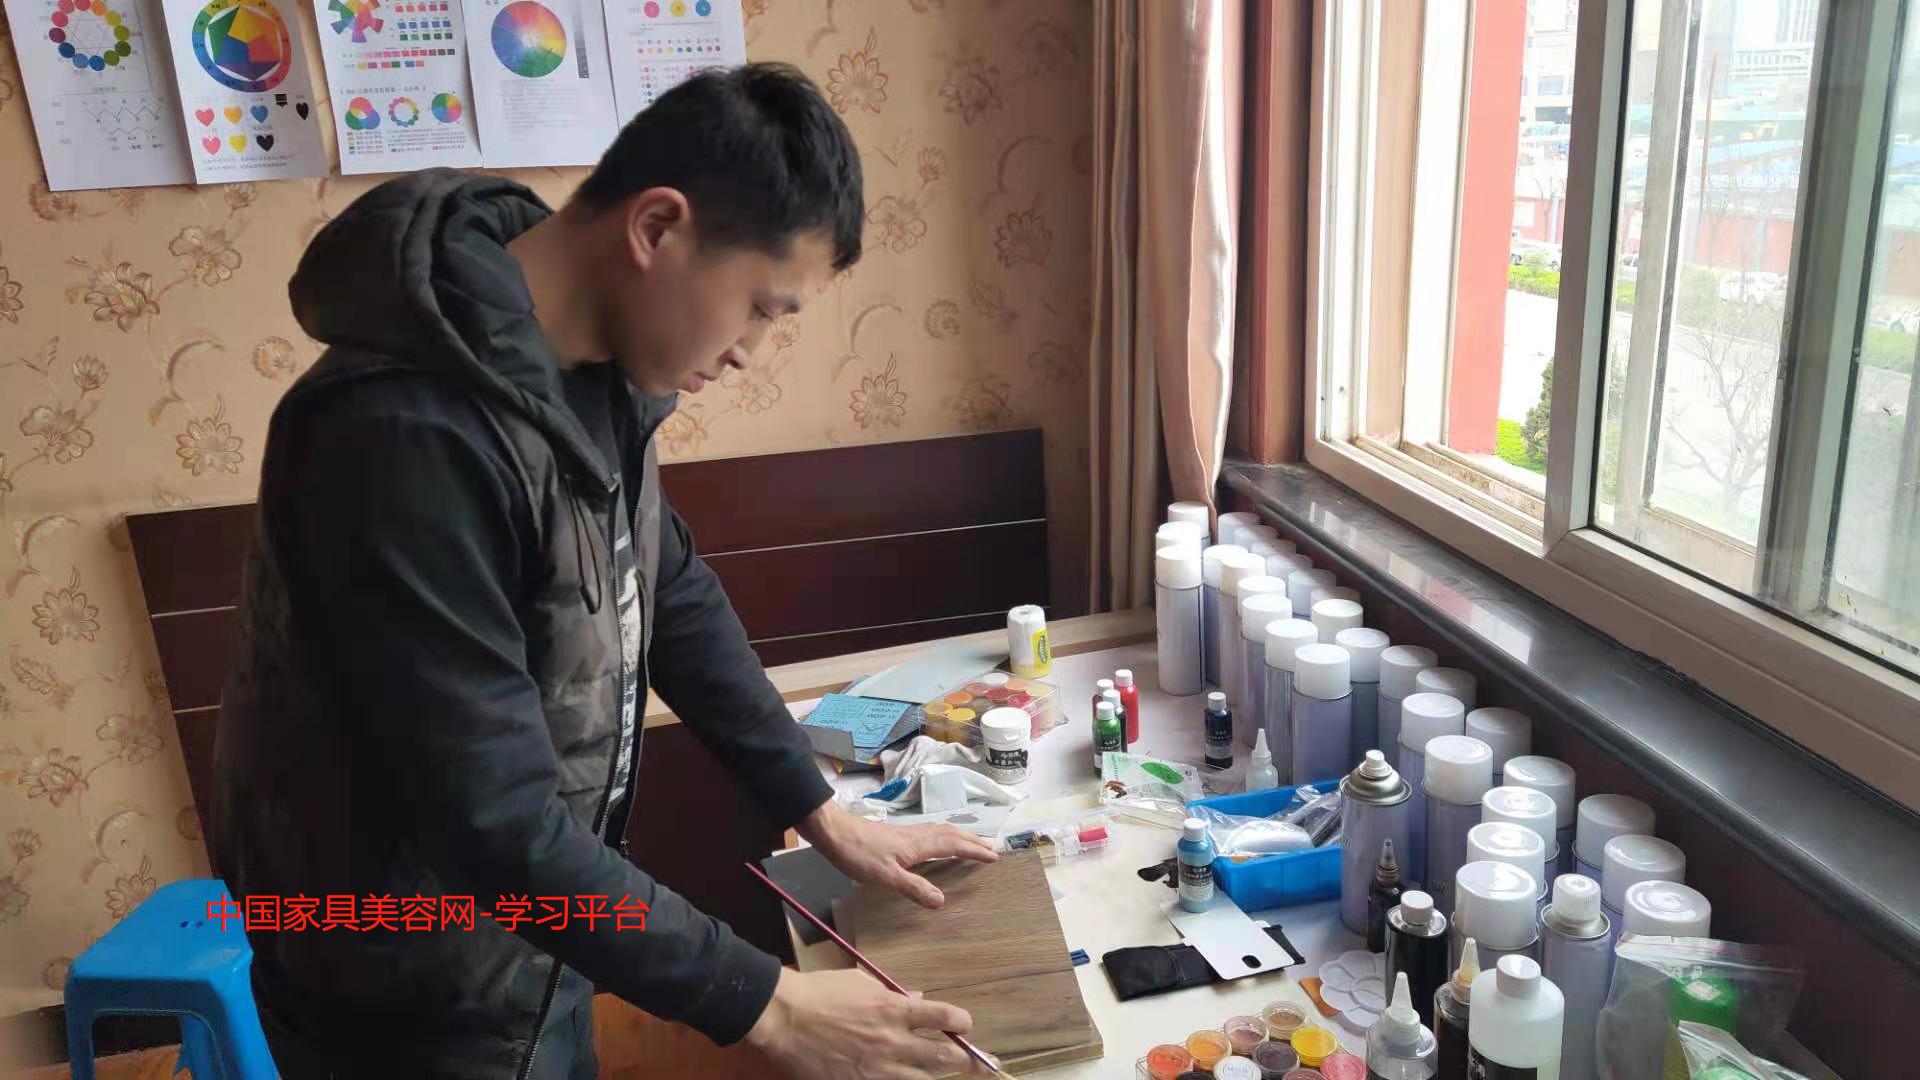 从北京上海合肥广州贵阳家具维修学习归来,对于家具美容培训机构的看法!